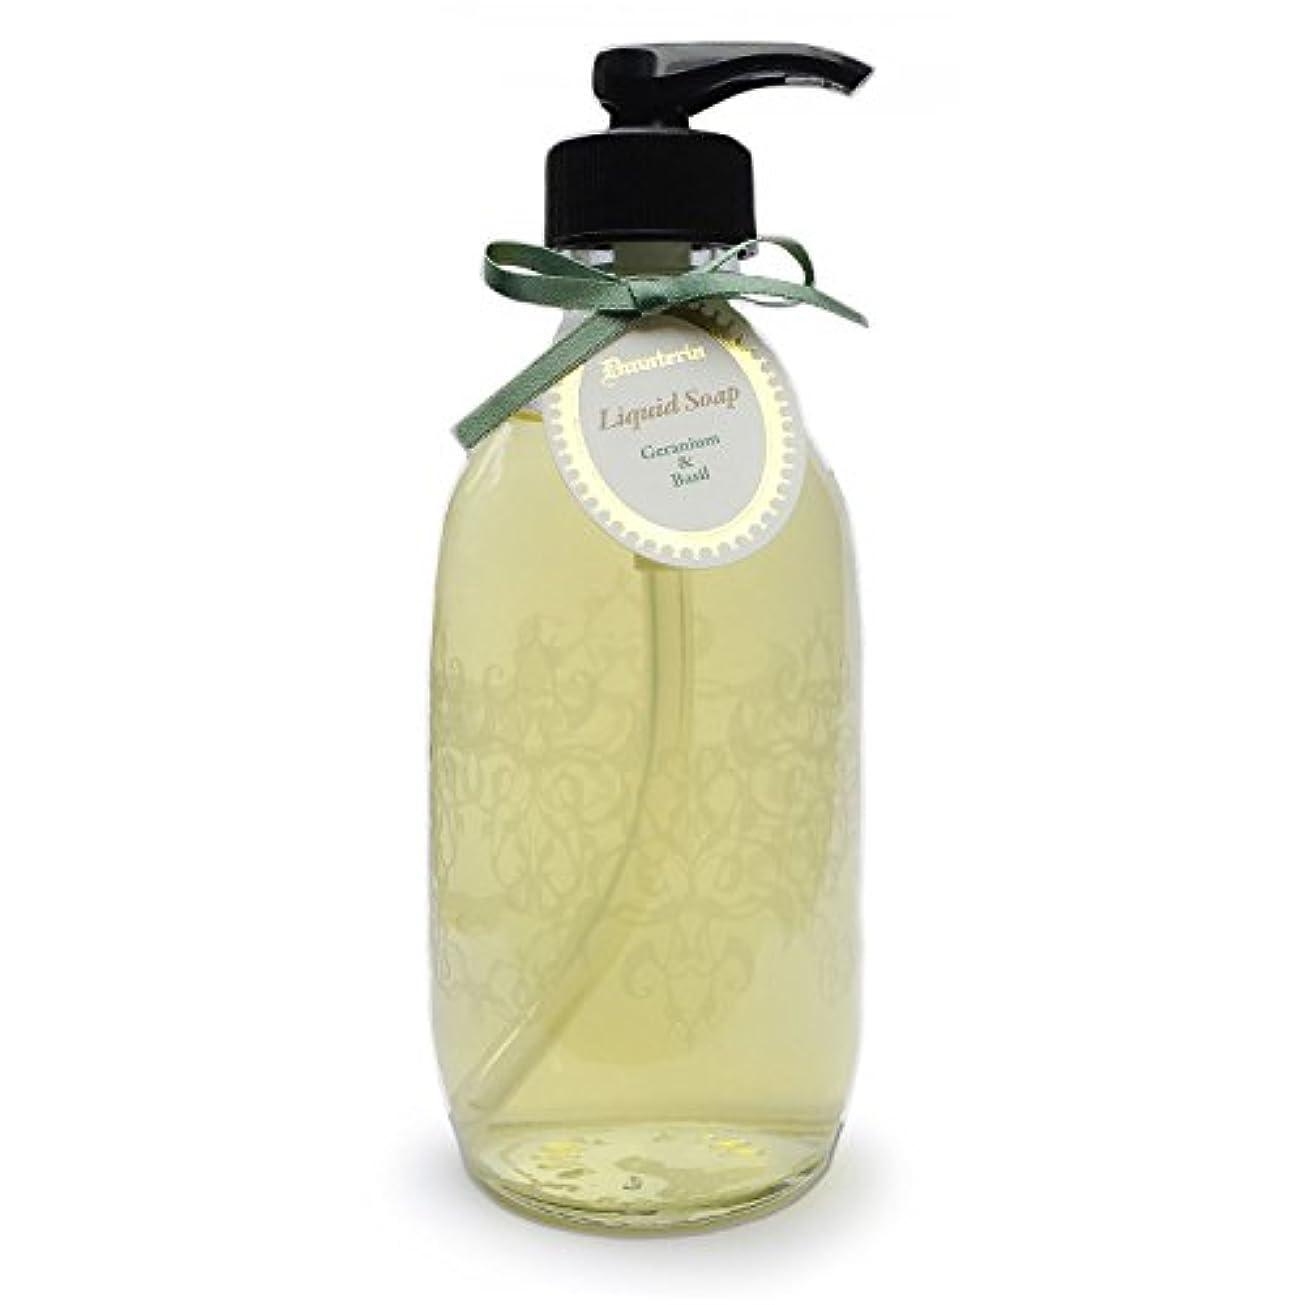 受取人倍増ランドリーD materia リキッドソープ ゼラニウム&バジル Geranium&Basil Liquid Soap ディーマテリア